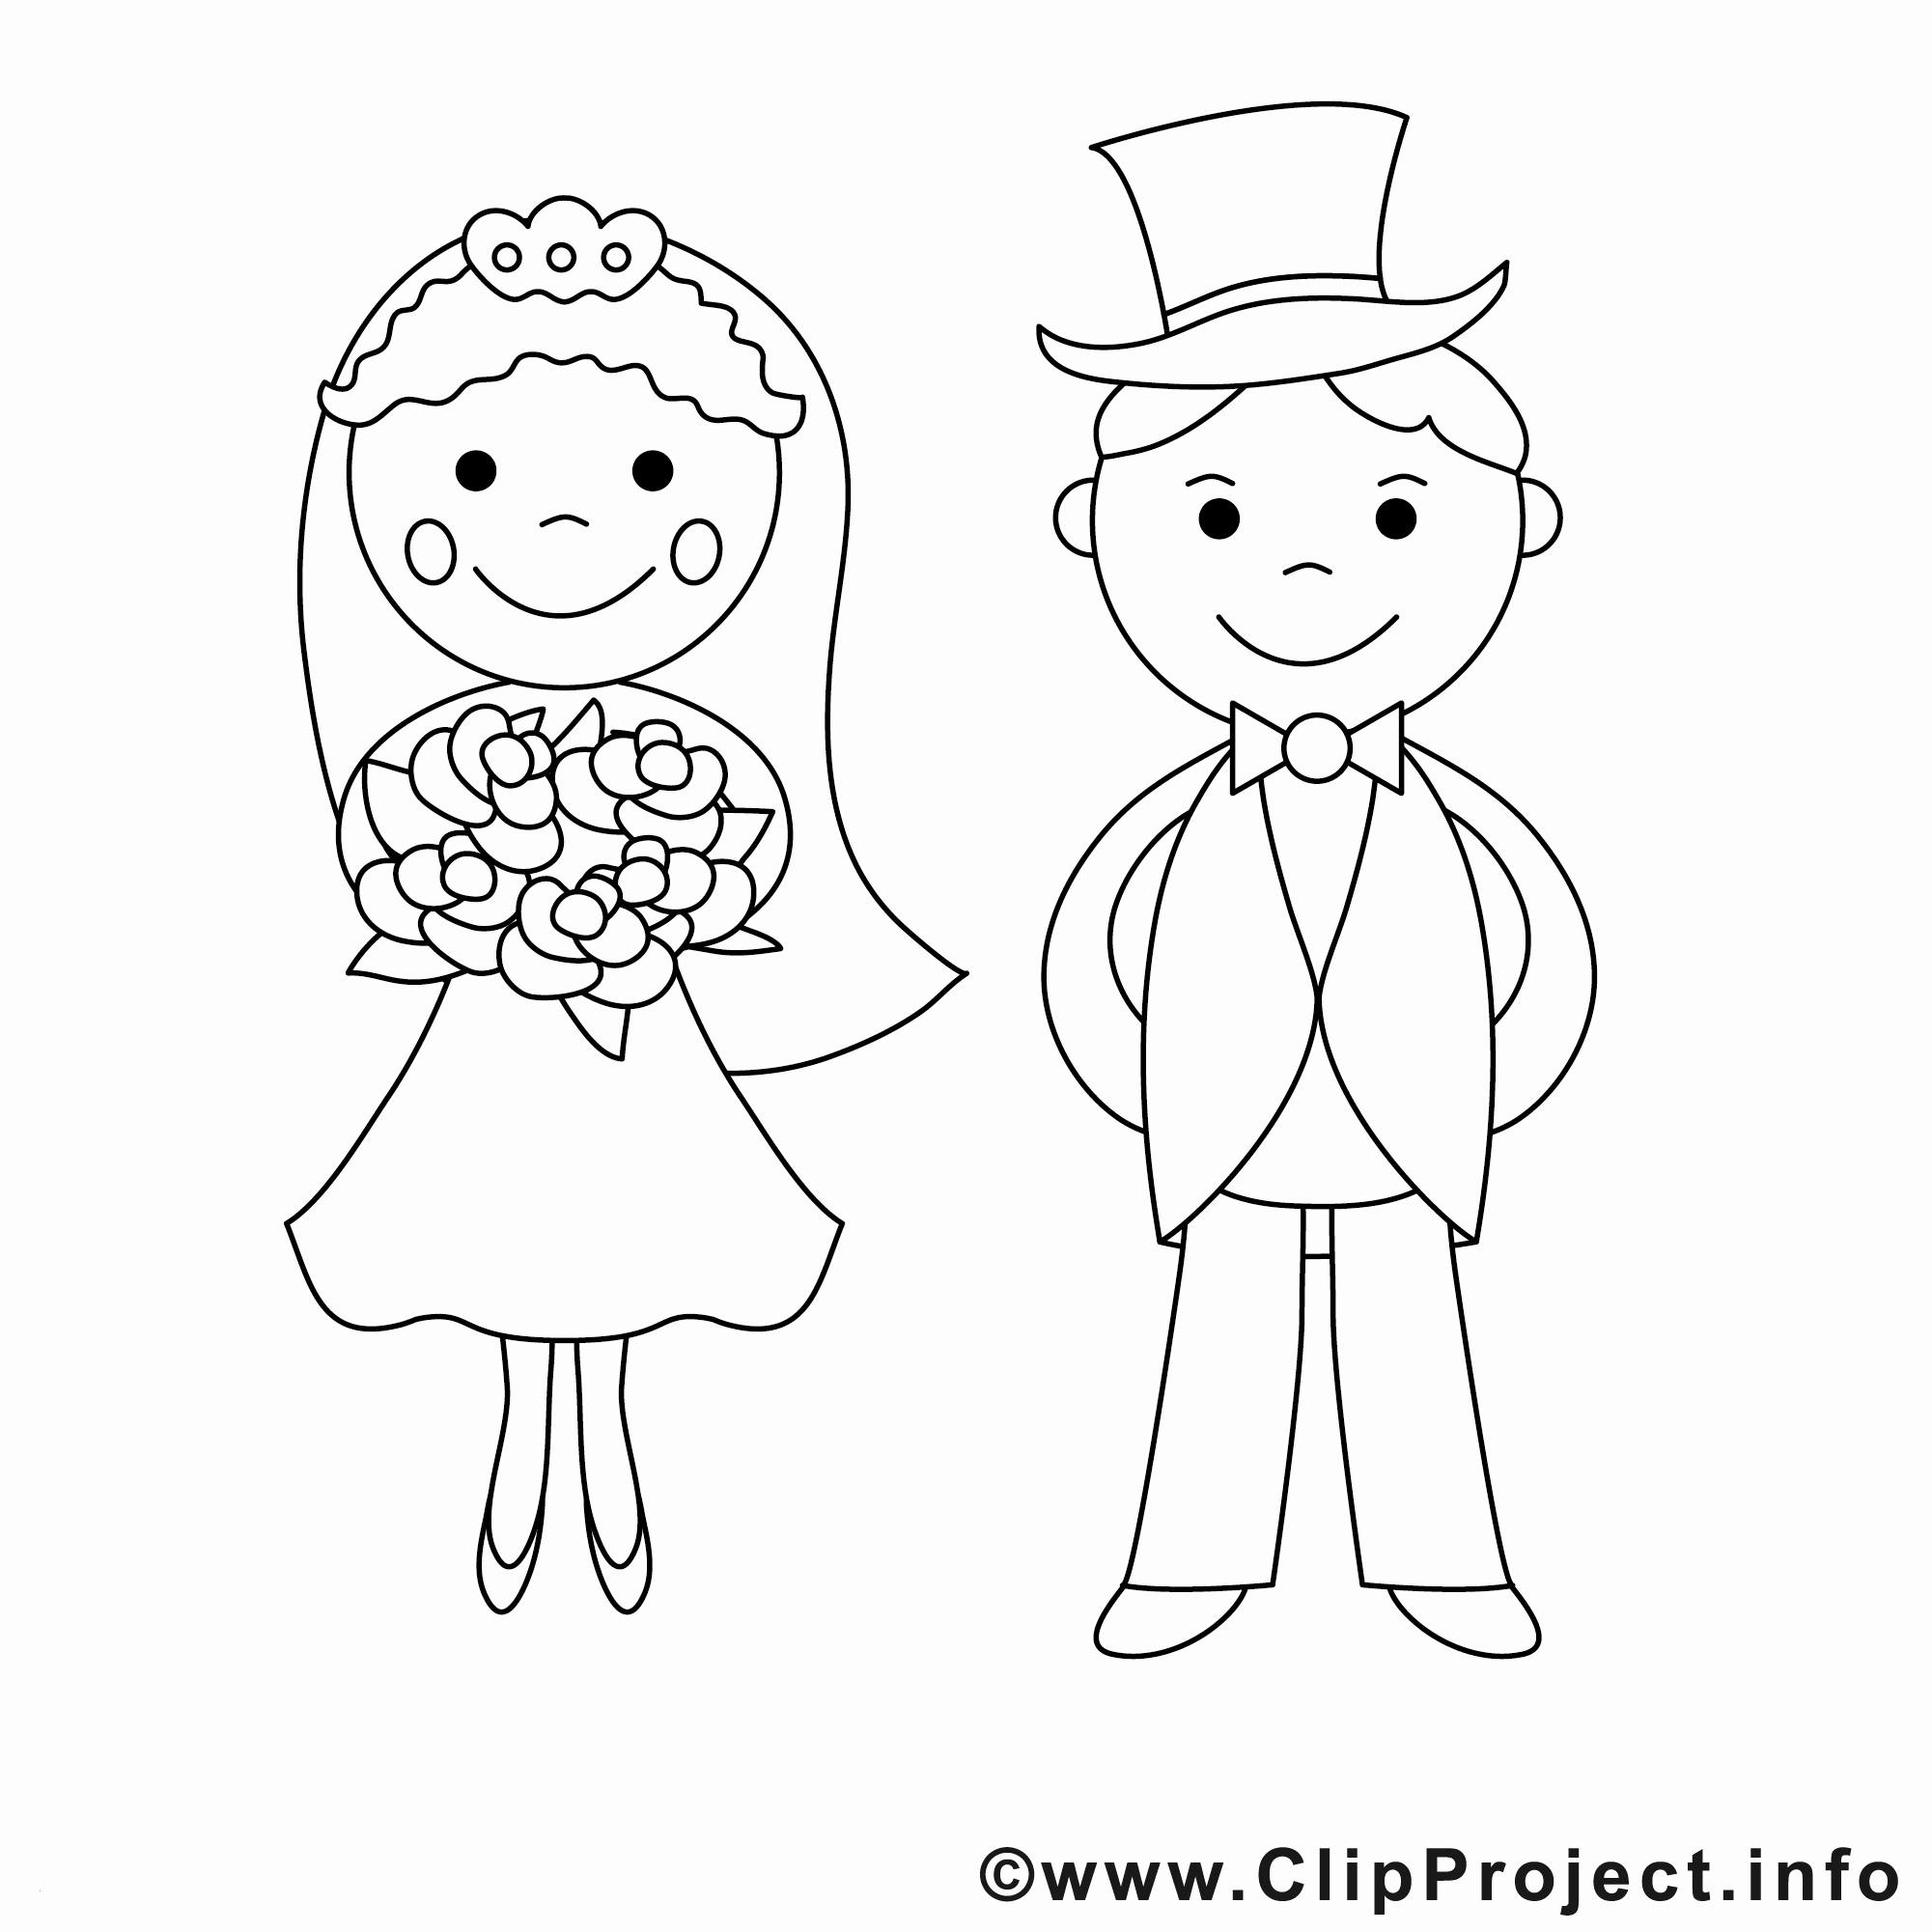 Ausmalbilder Hochzeit Kostenlos Frisch Christliche Weihnachtskarten Kostenlos Frisch 30 Besten Zitate Zu Bild